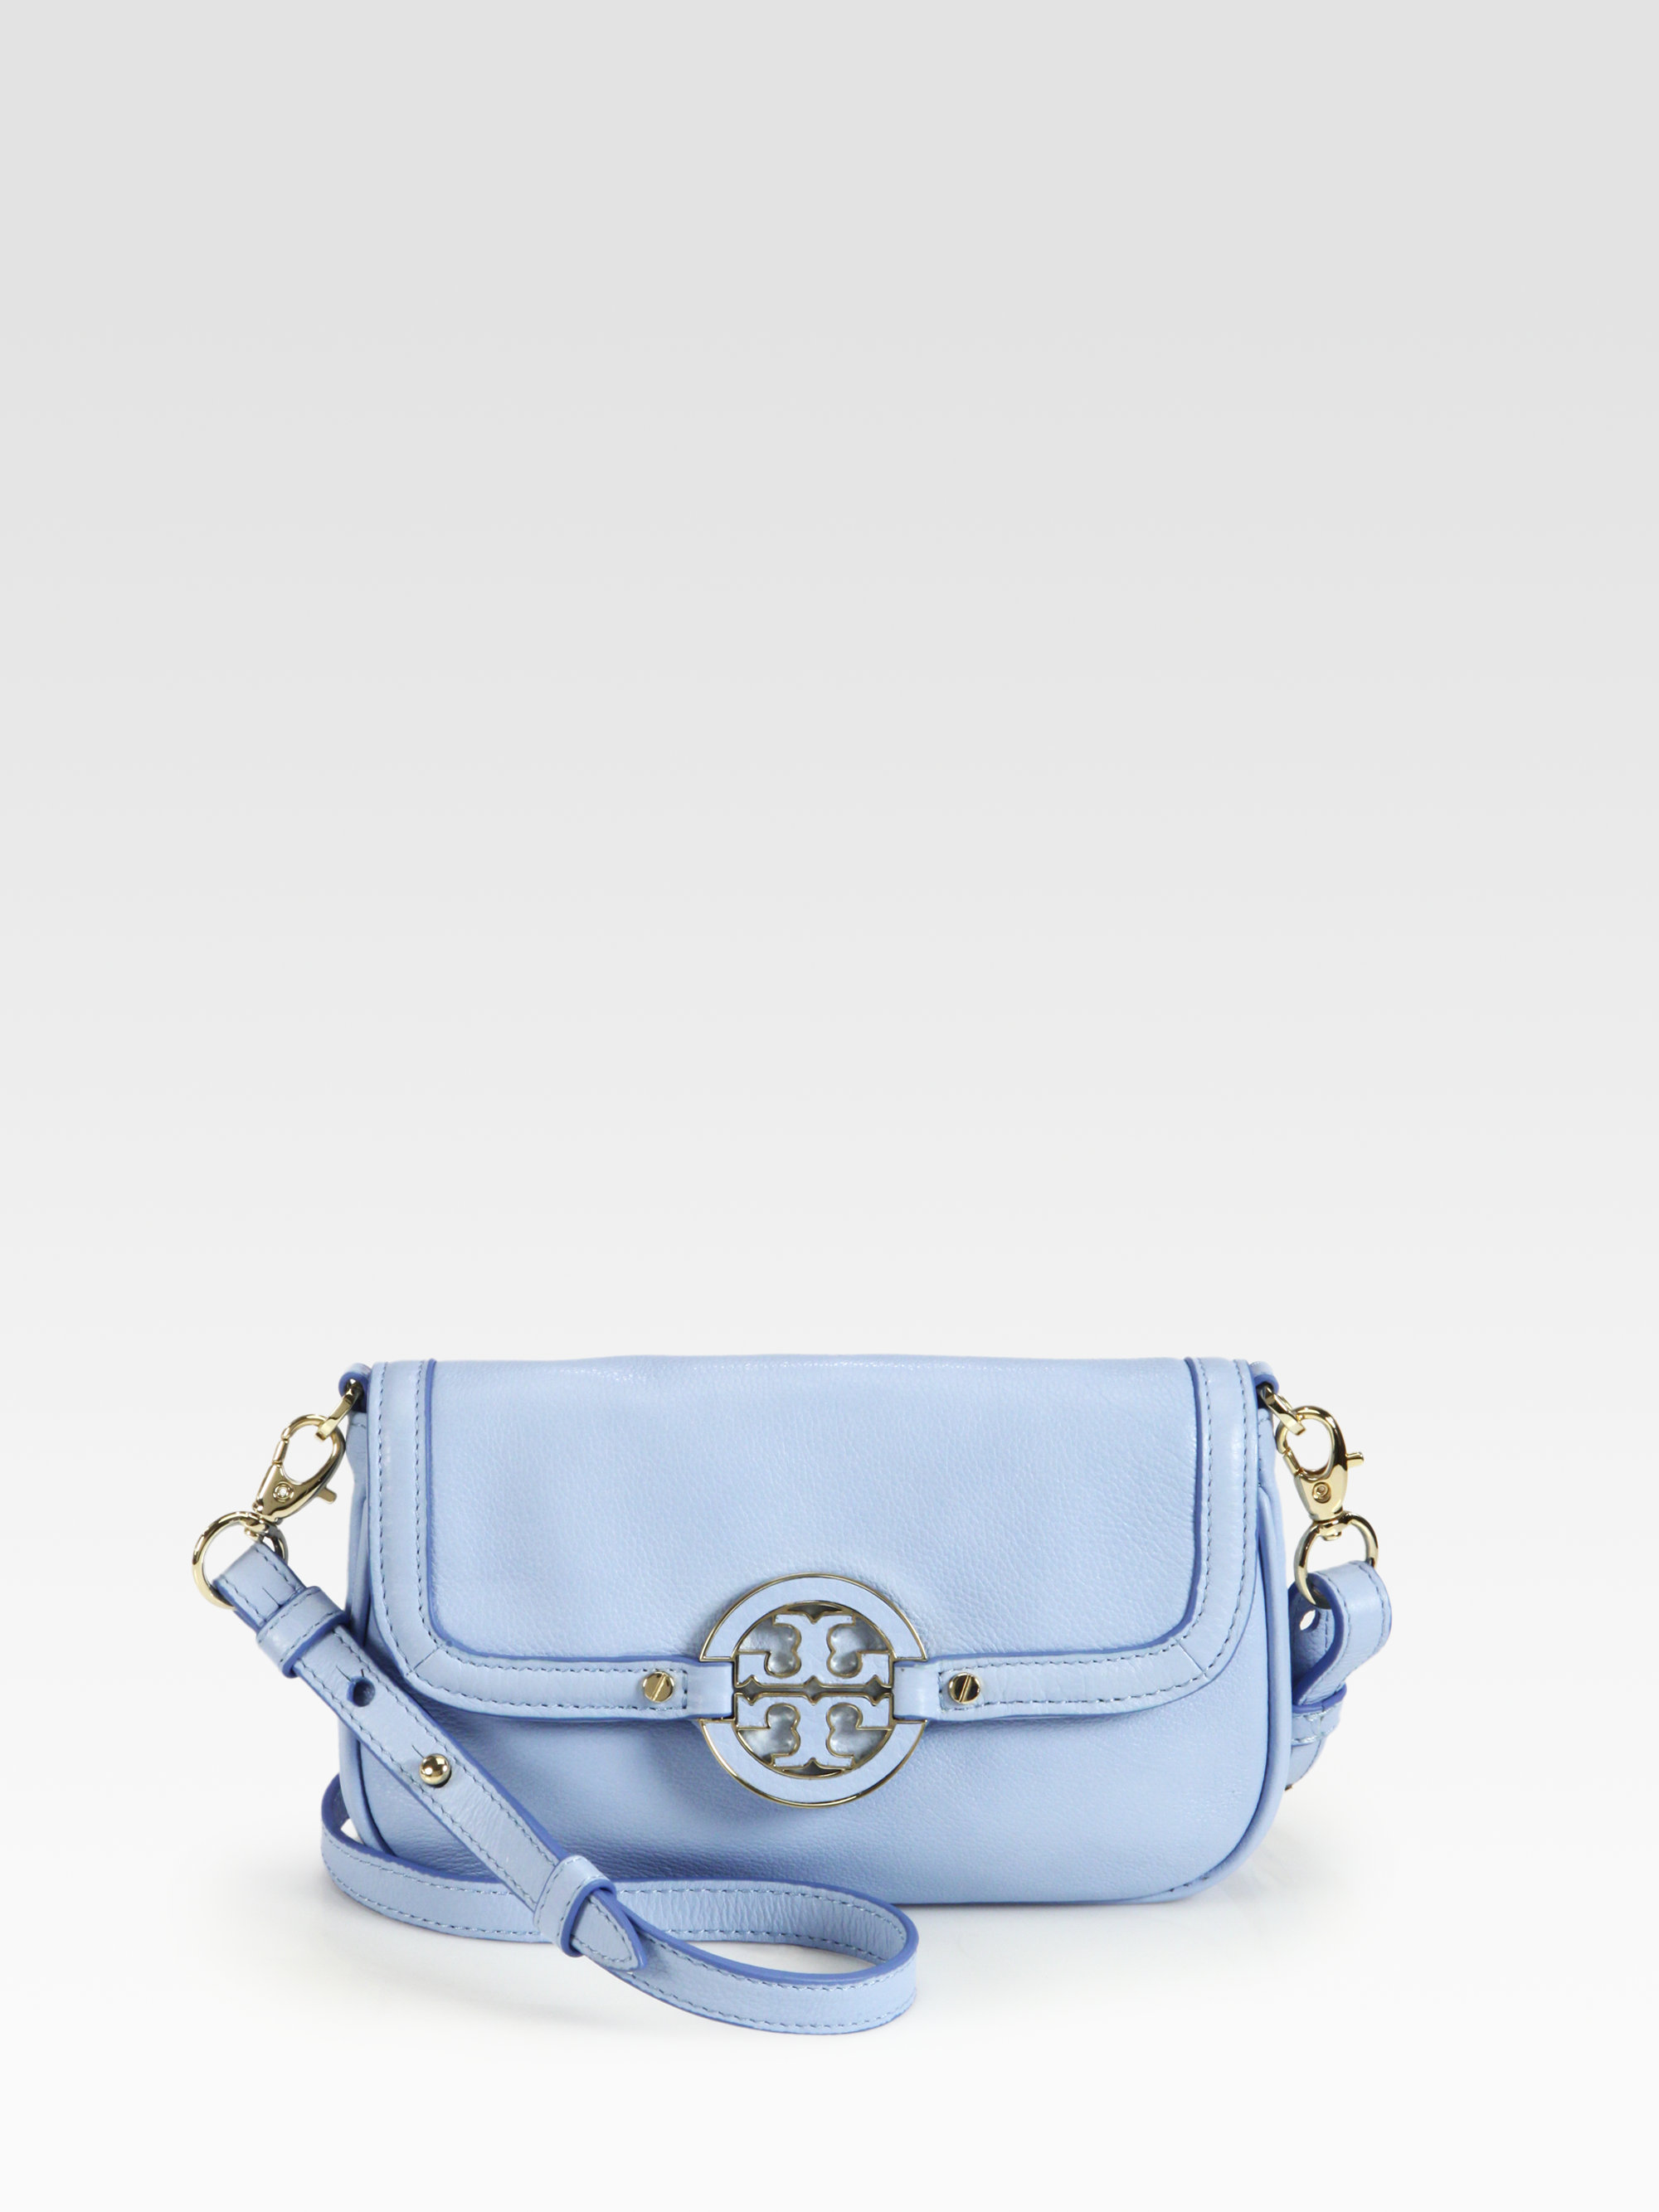 d5af55dc9233 Lyst - Tory Burch Amanda Classic Crossbody Bag in Blue